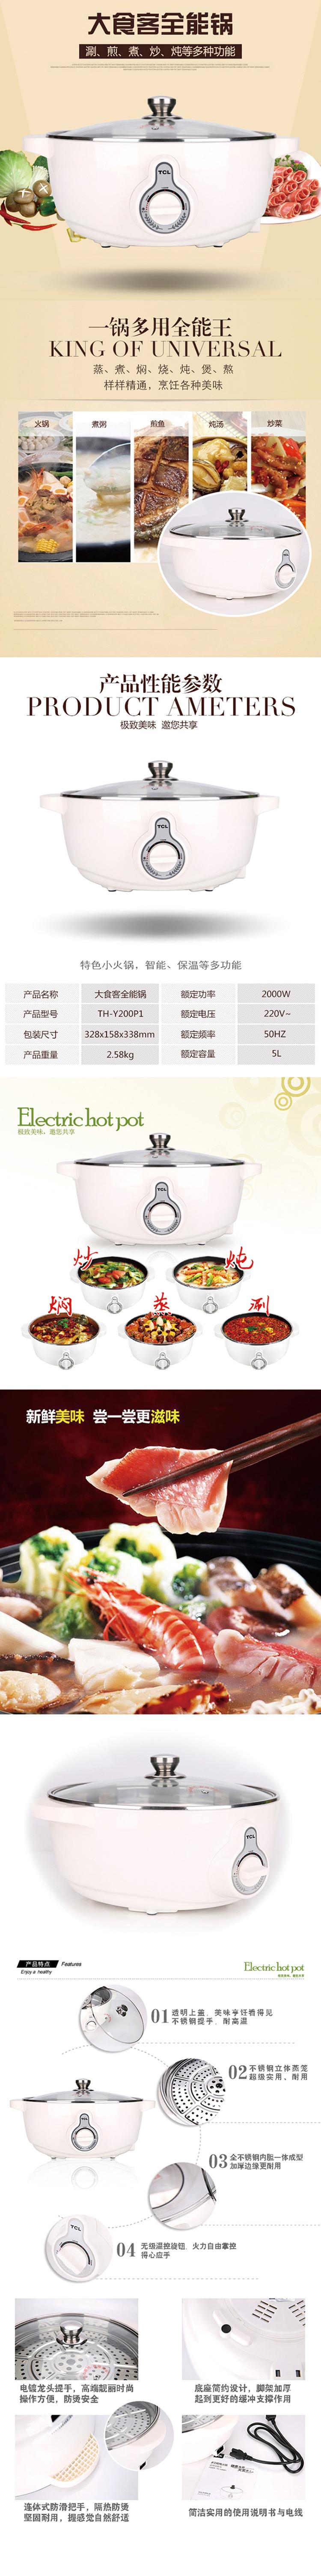 大食客详情图750.jpg